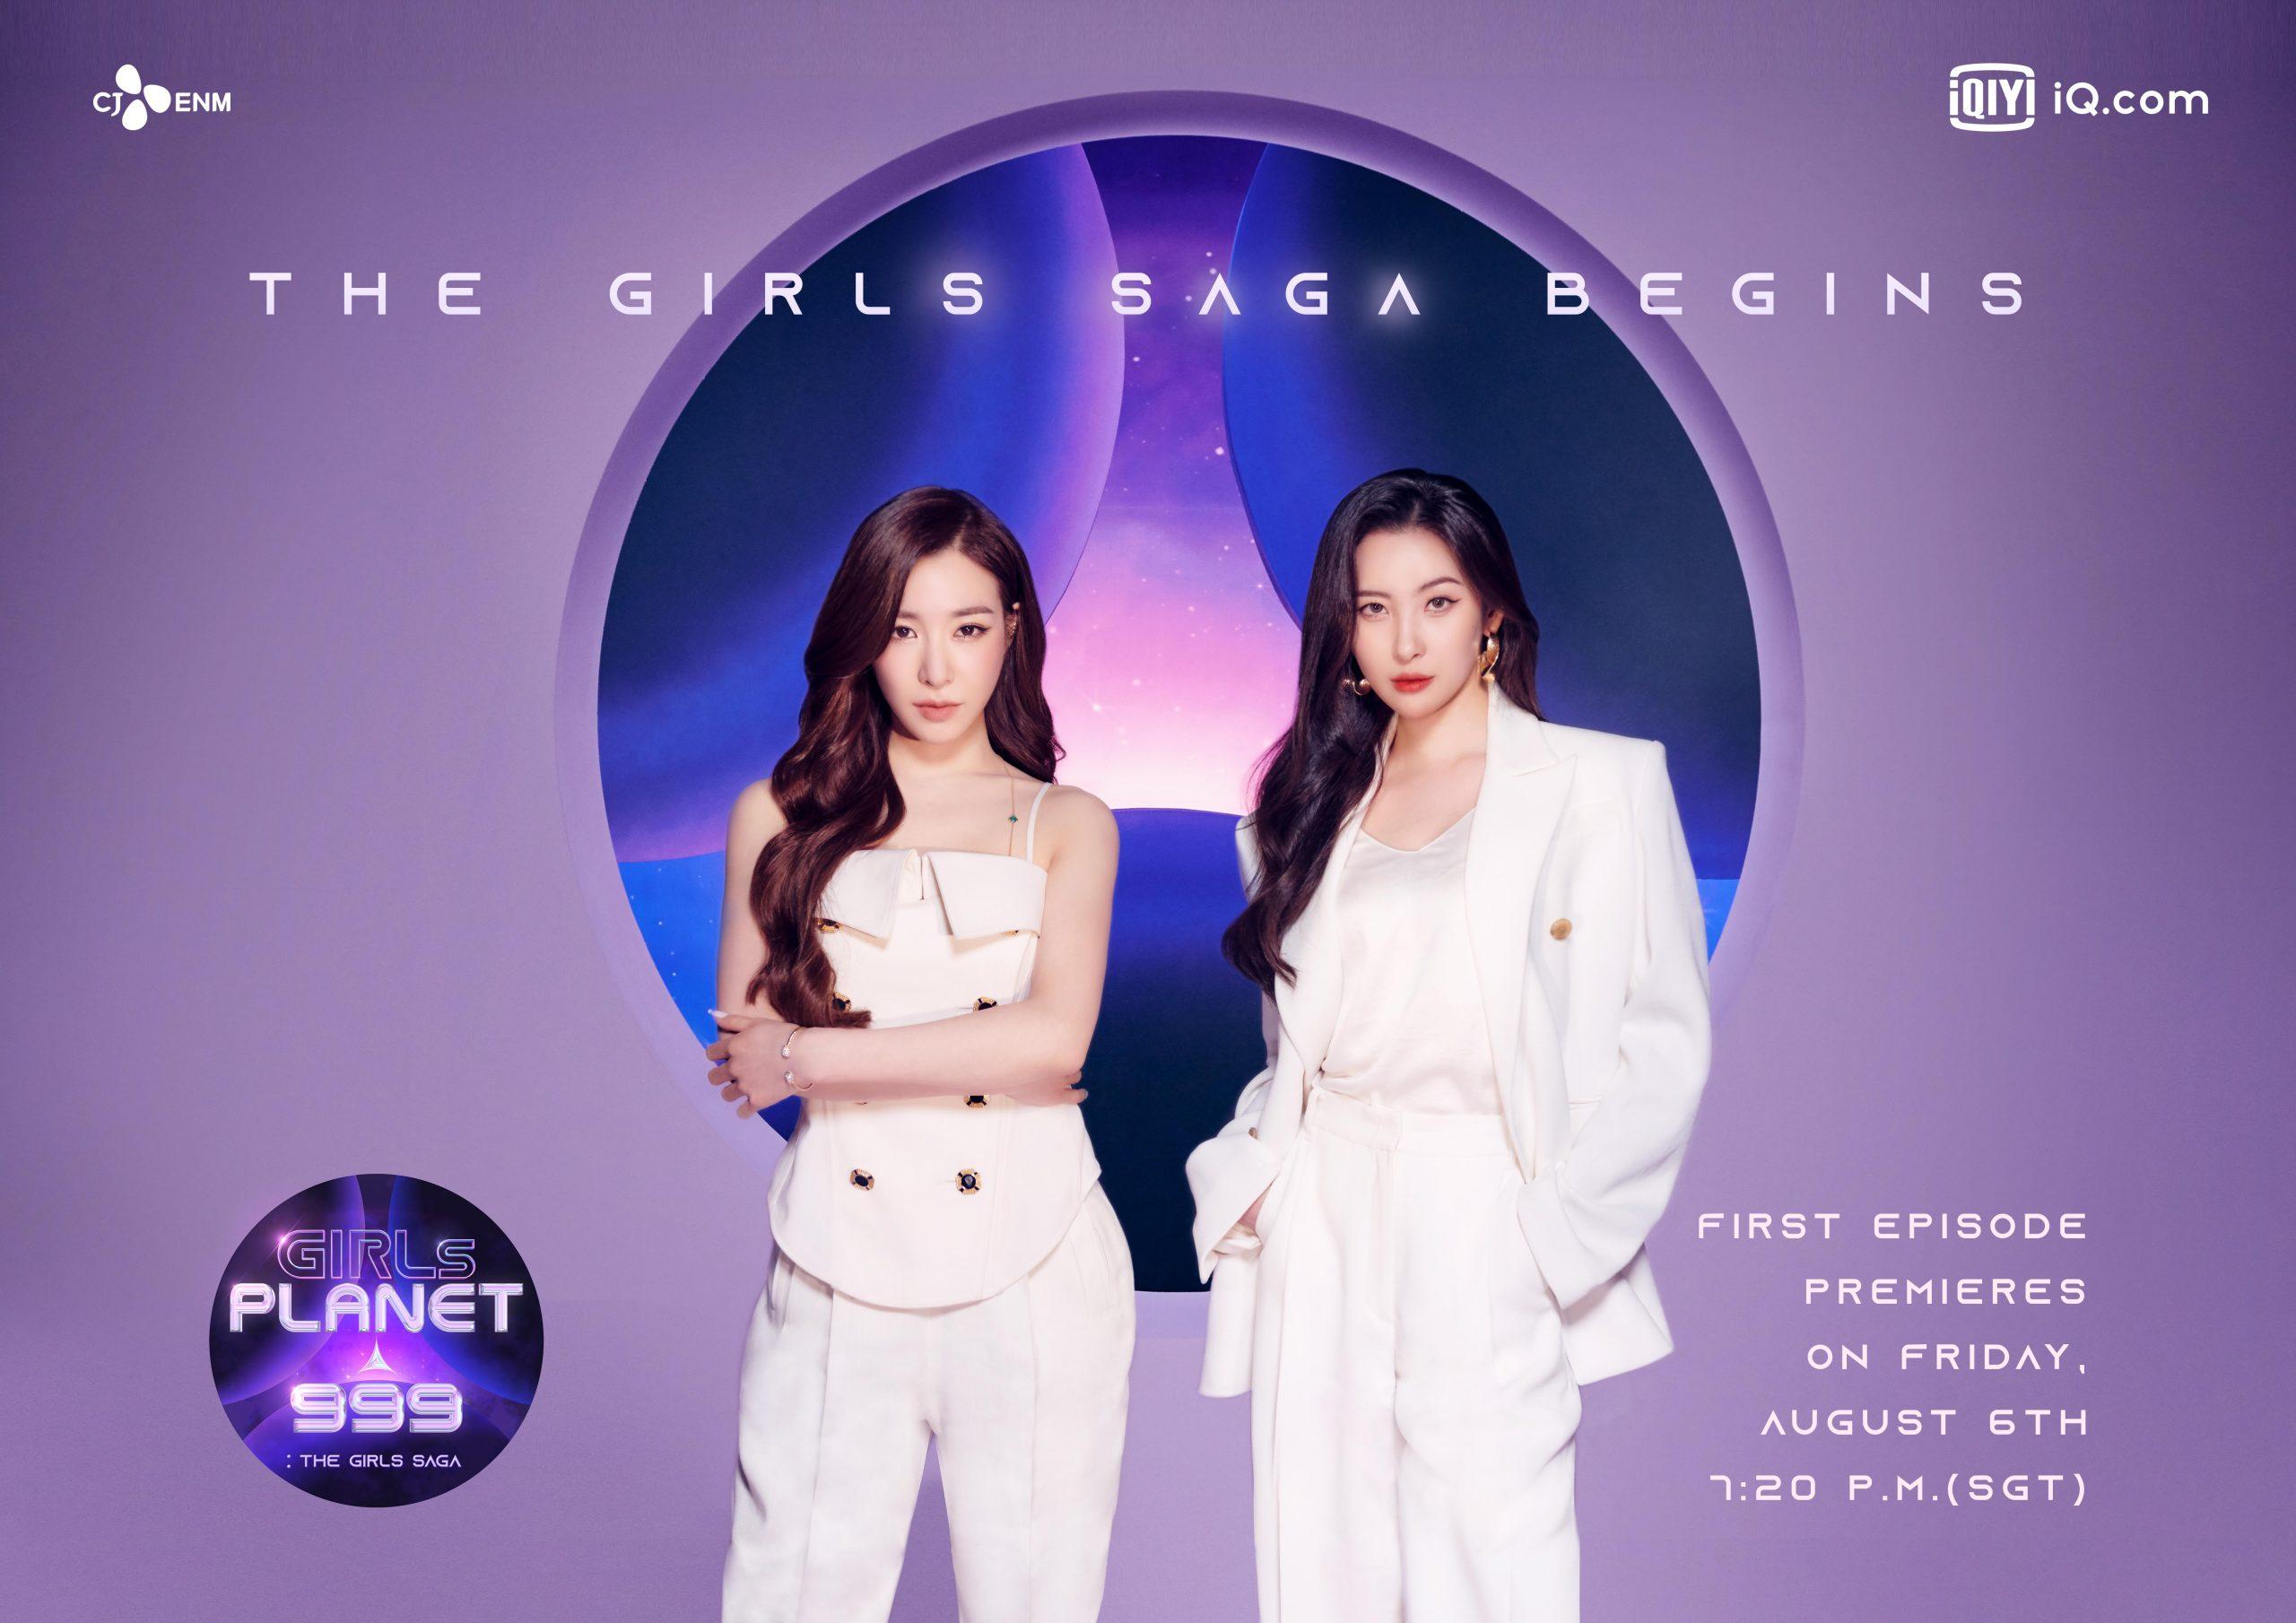 Ini Antara Drama-Drama Menarik Di iQiyi Sepanjang September, Siap Boleh Tebus VIP Percuma! 24